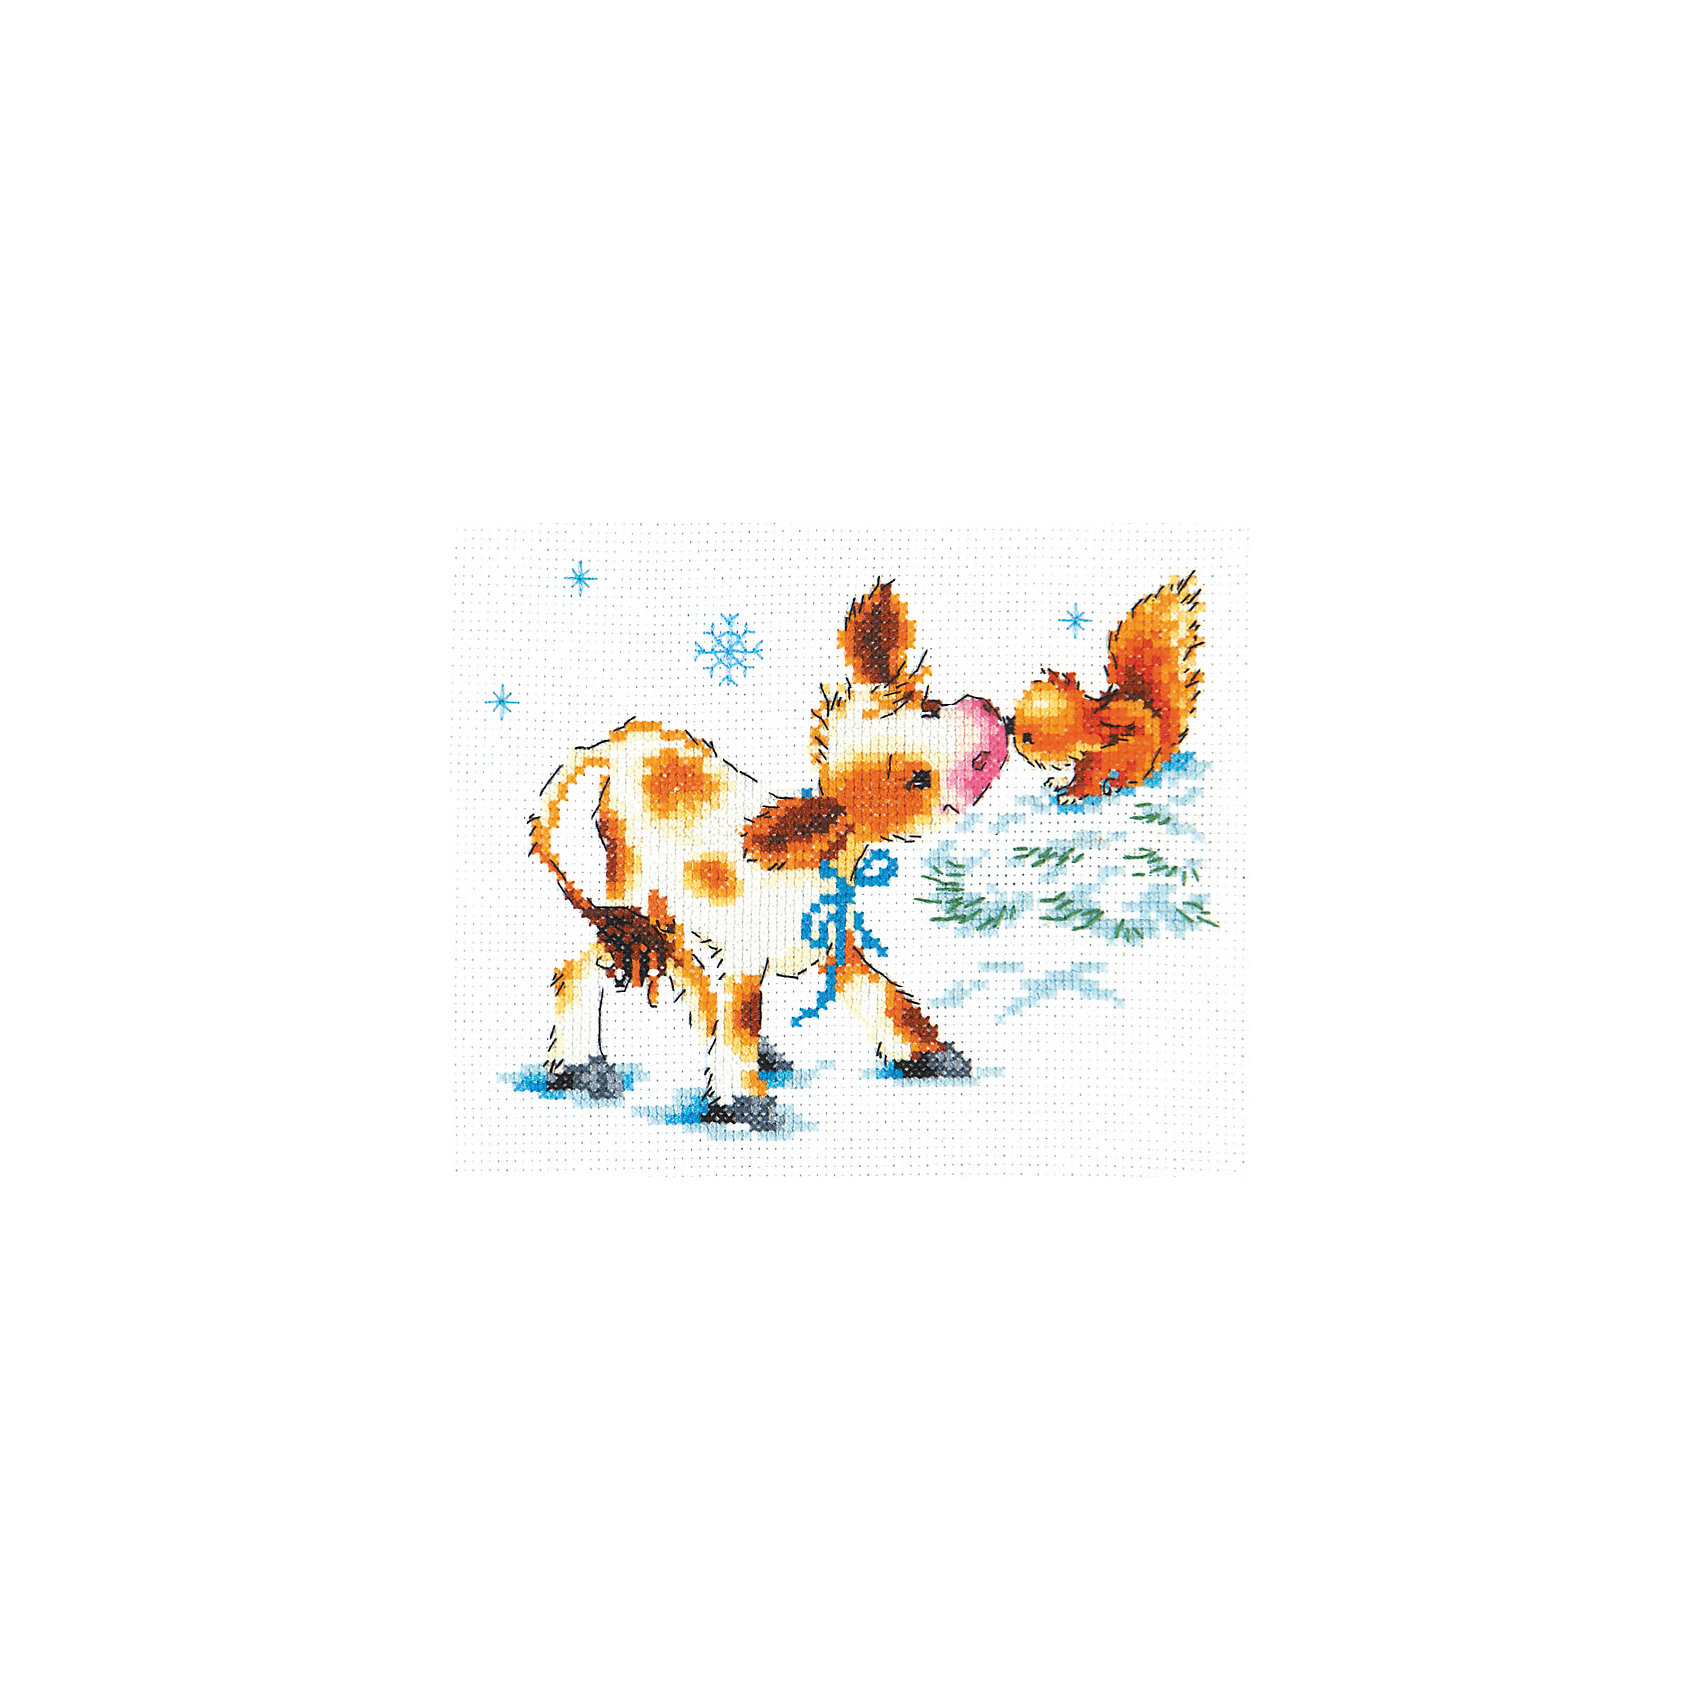 Чудесная игла Набор для вышивания крестом «Тёплая встреча» набор для вышивания бисером светлица пресвятая богородица семистрельная 12 см х 16 см page 10